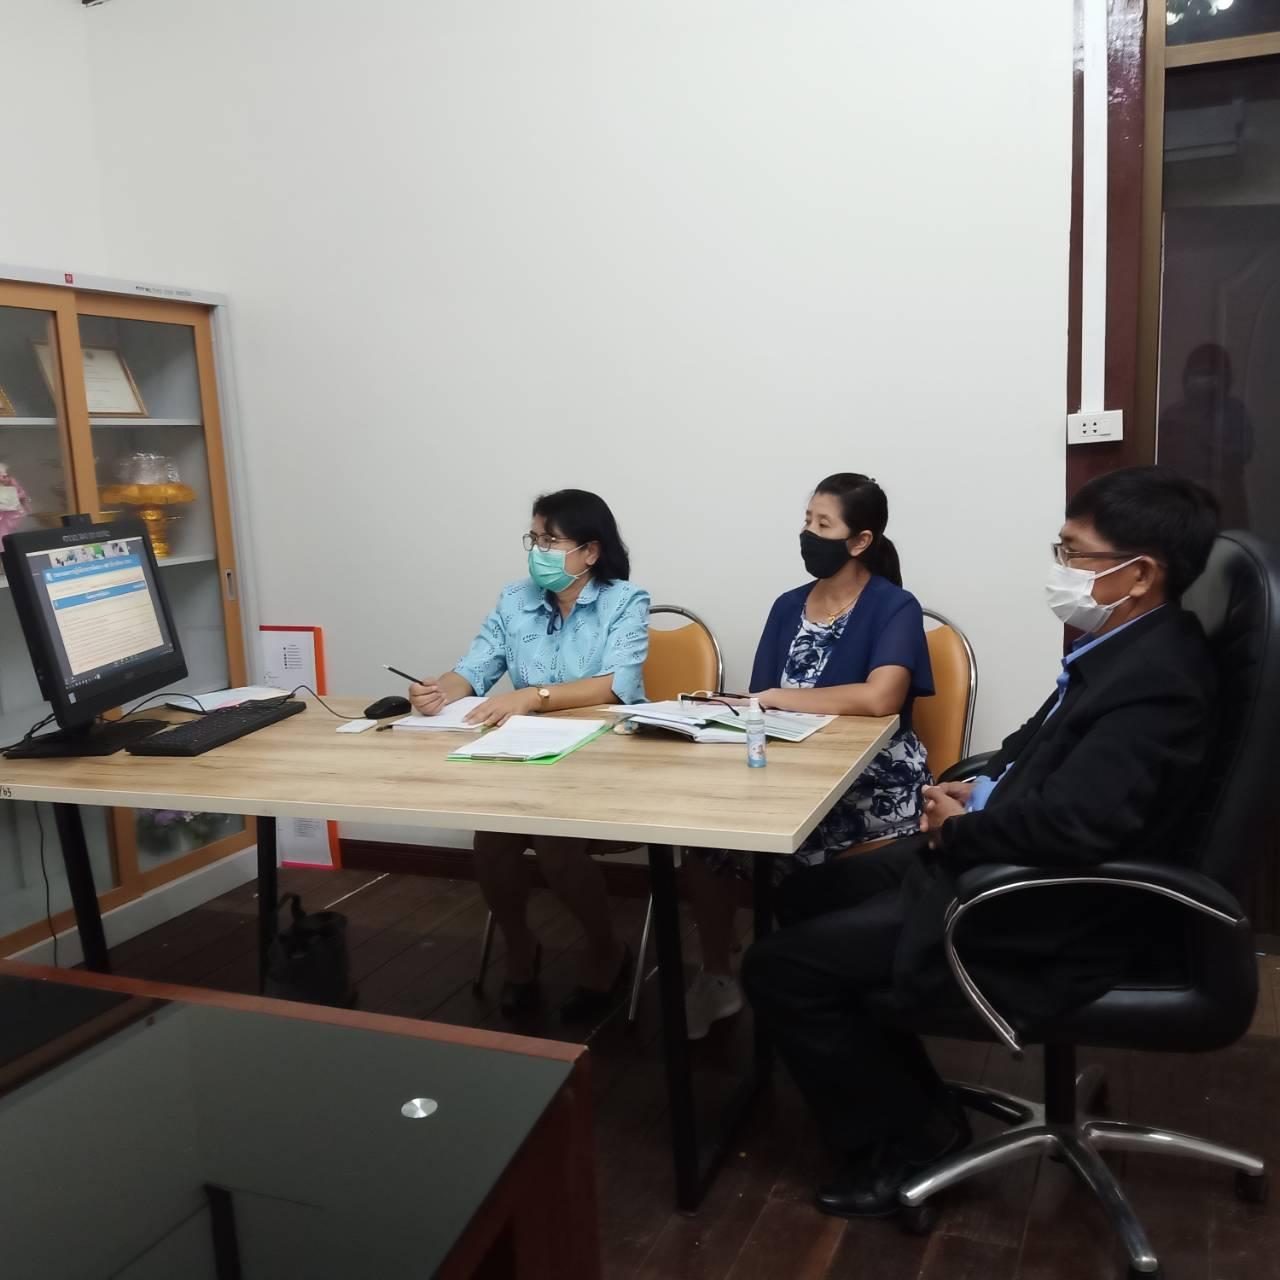 การประชุมชี้แจงศูนย์สอบการทดสอบทางการศึกษาระดับชาติด้านอิสลามศึกษา (I-NET) ปีการศึกษา 2564